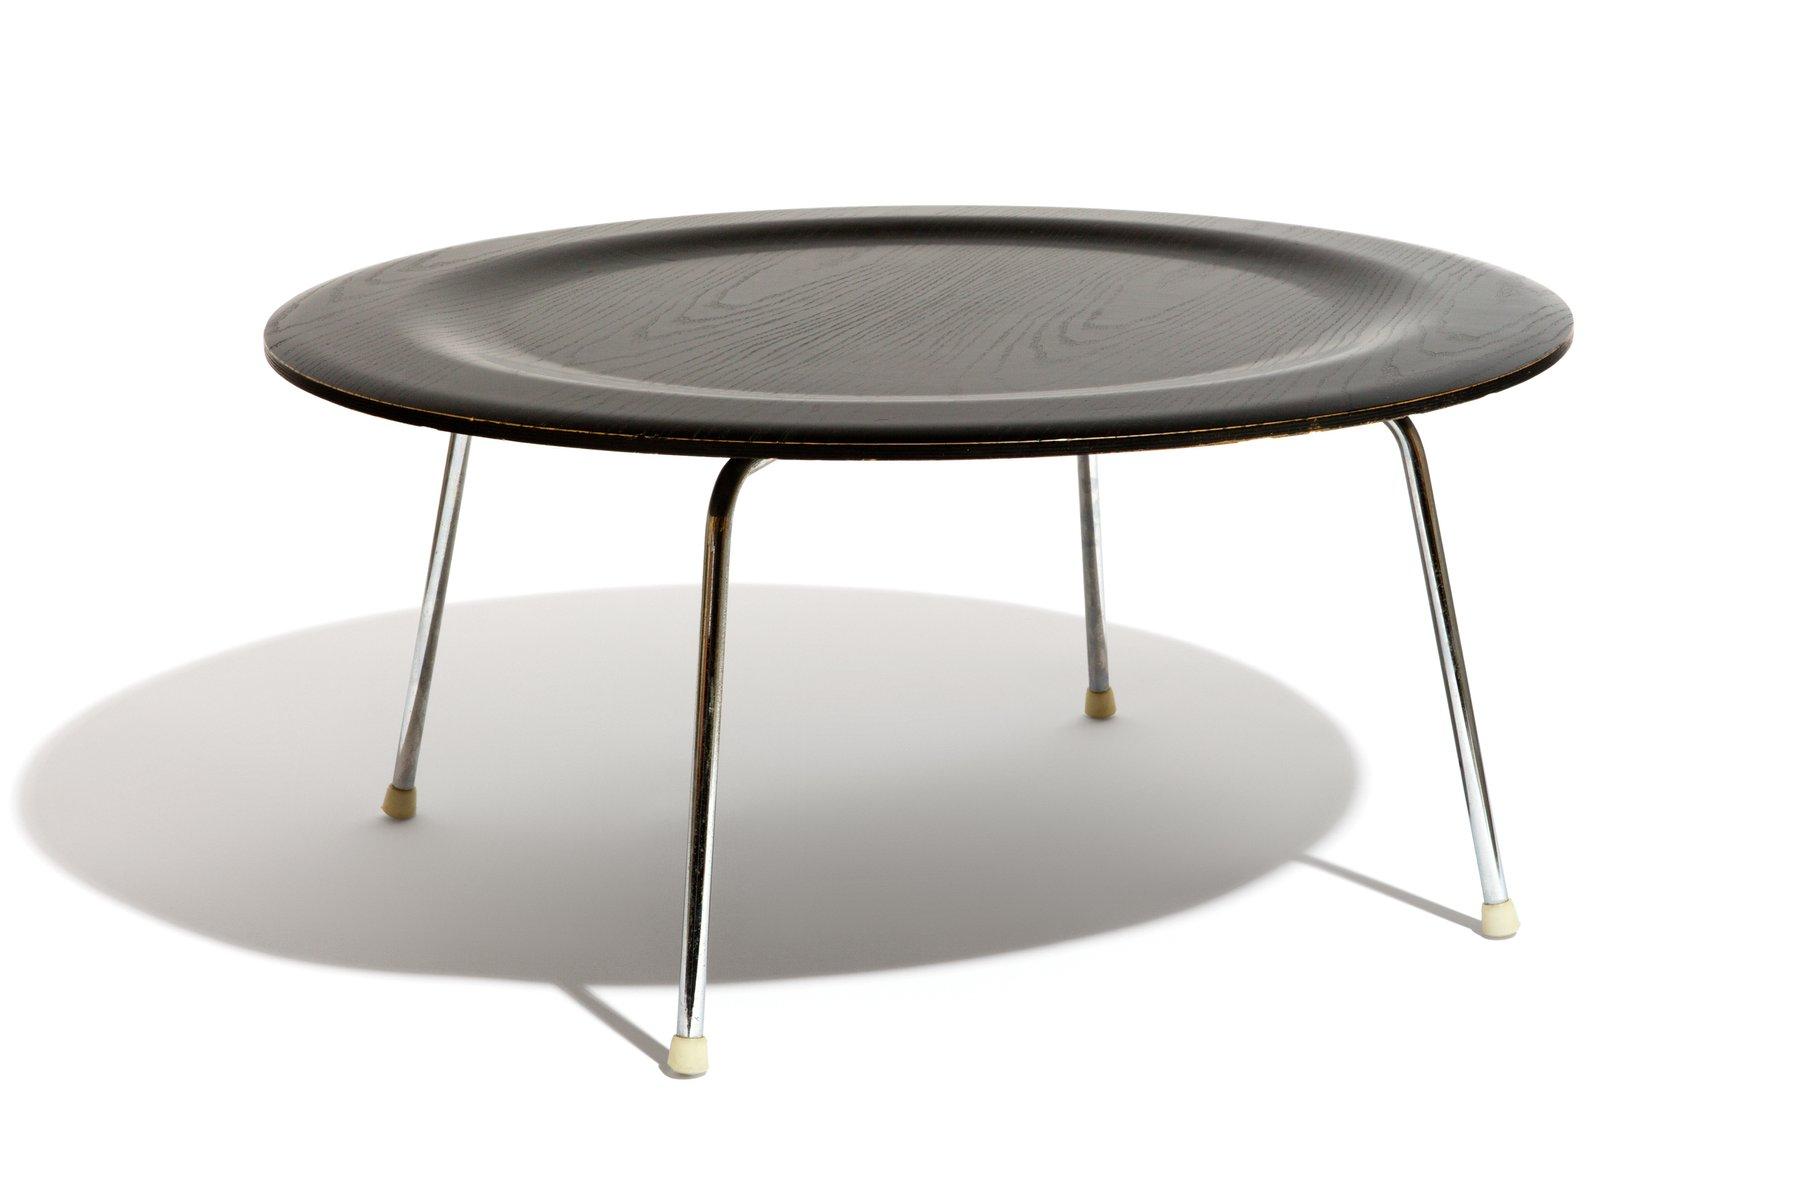 table basse ctm par ray charles eames pour vitra 1970s en vente sur pamono. Black Bedroom Furniture Sets. Home Design Ideas